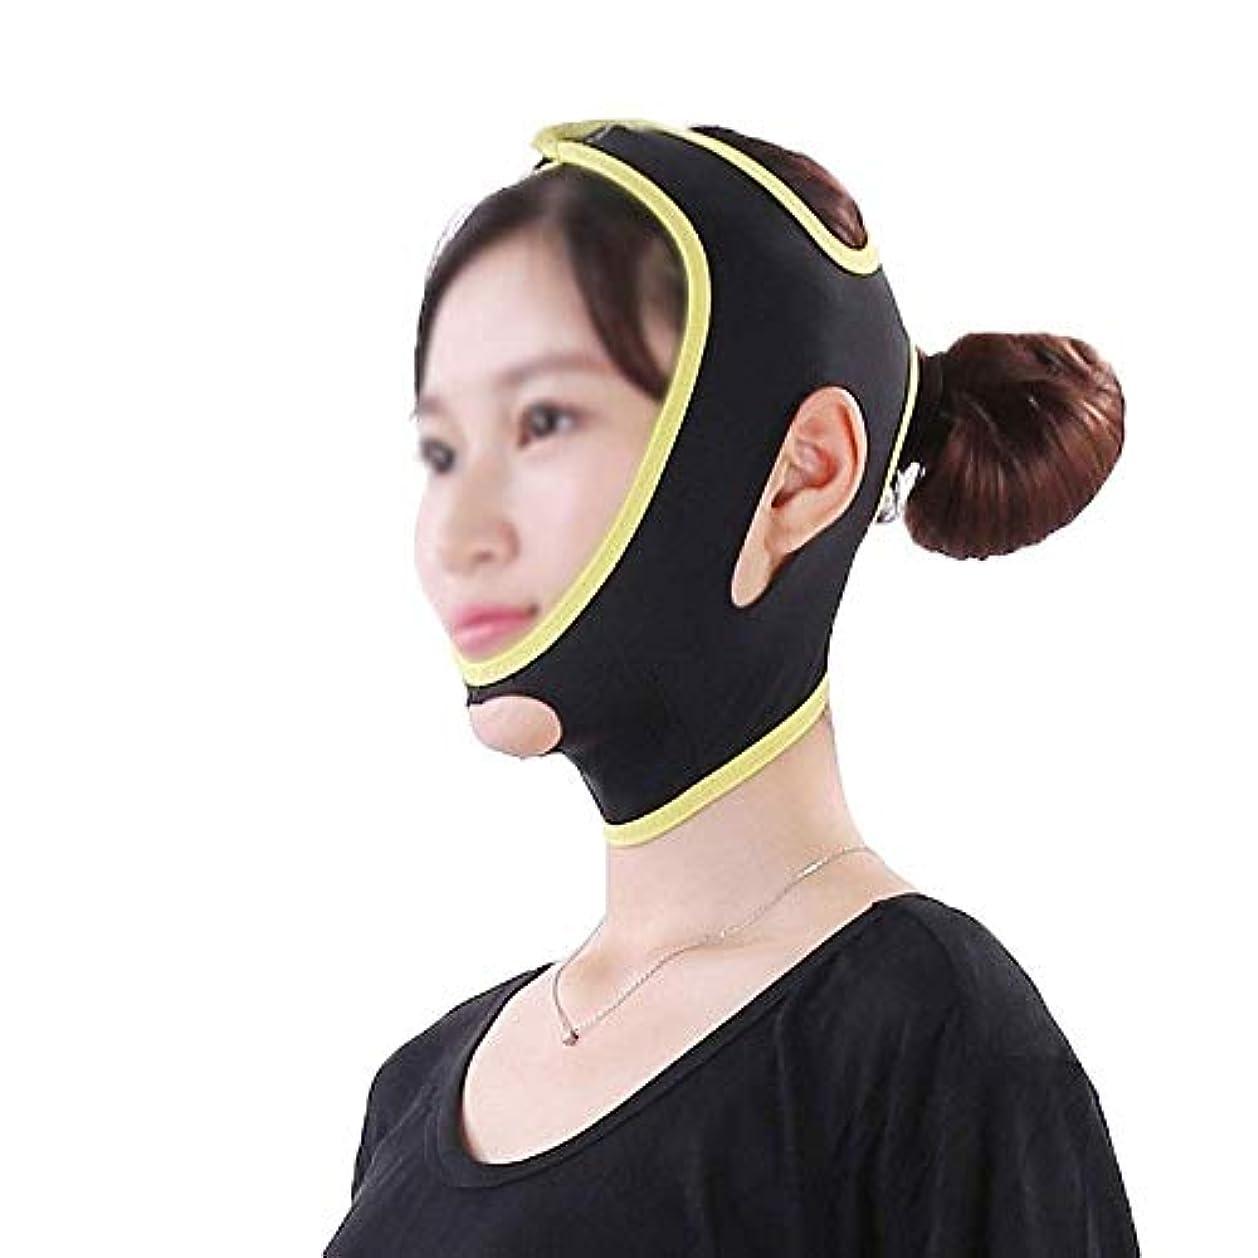 フェイス&ネックリフト、フェイスリフトマスク強力なフェイスマスクフェイスリフトアーチファクトフェイスリフティングフェイスリフティングツールフェイスリフティング包帯シンフェイスマスク美容マスク(サイズ:L)